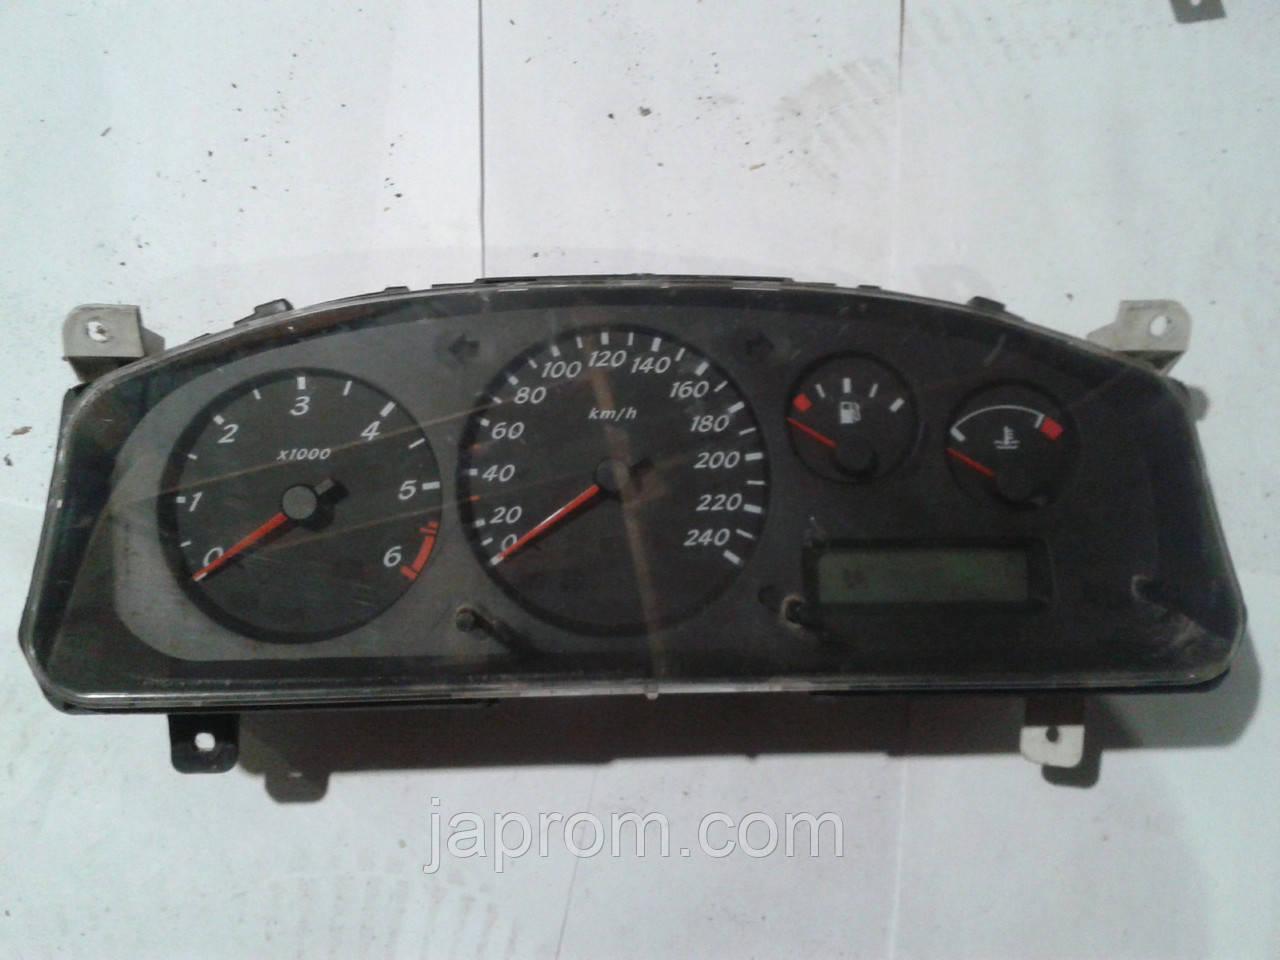 Панель щиток приборов Nissan Primera P11 2000-2001г.в 2.0 TD рестайл 9F773